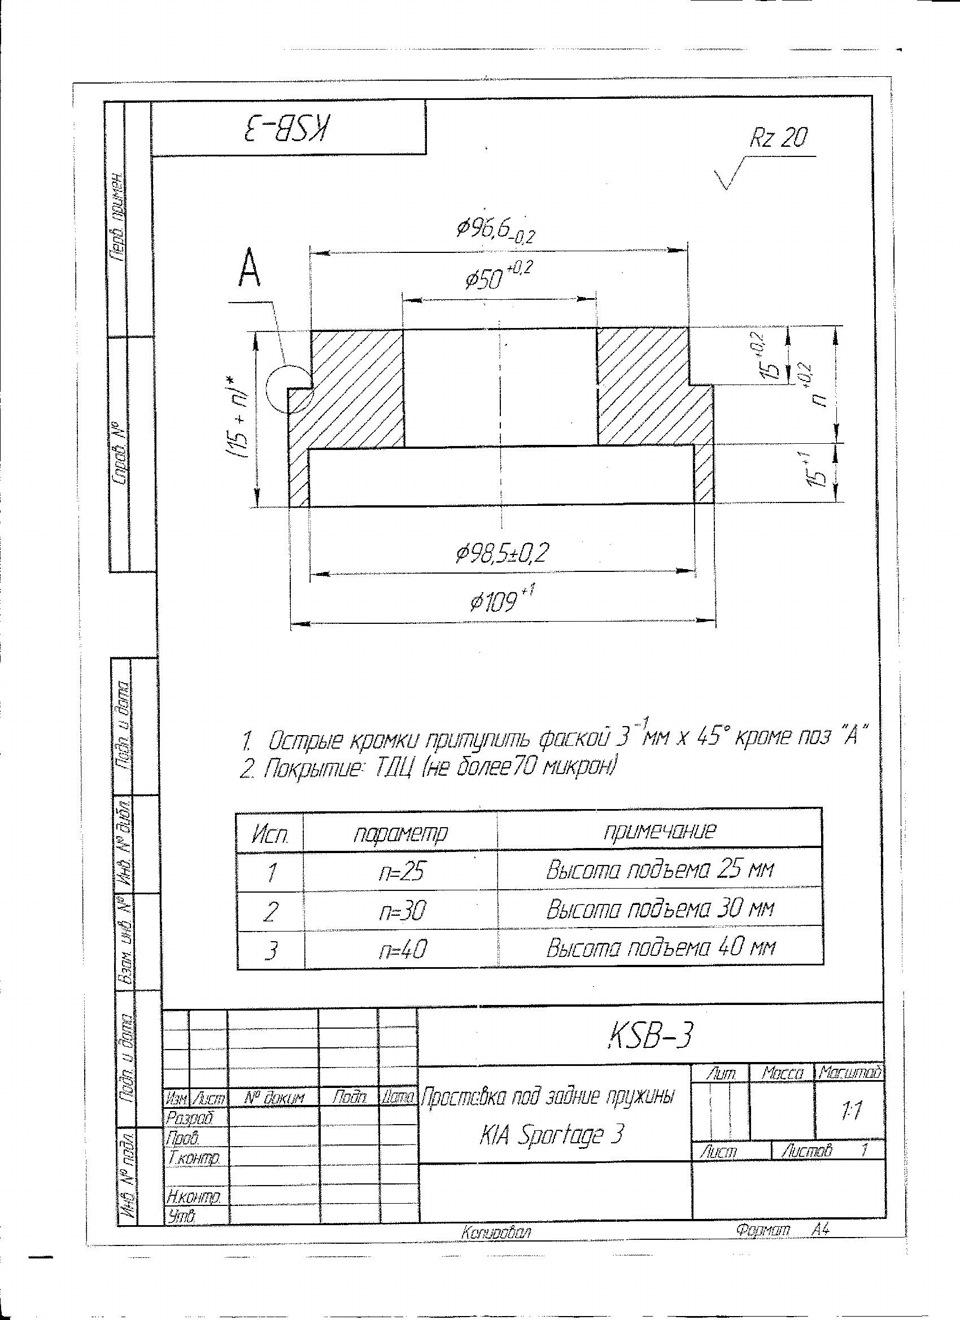 2003г чертежи спортейдж1 и размеры задних проставок кия пружин гранд